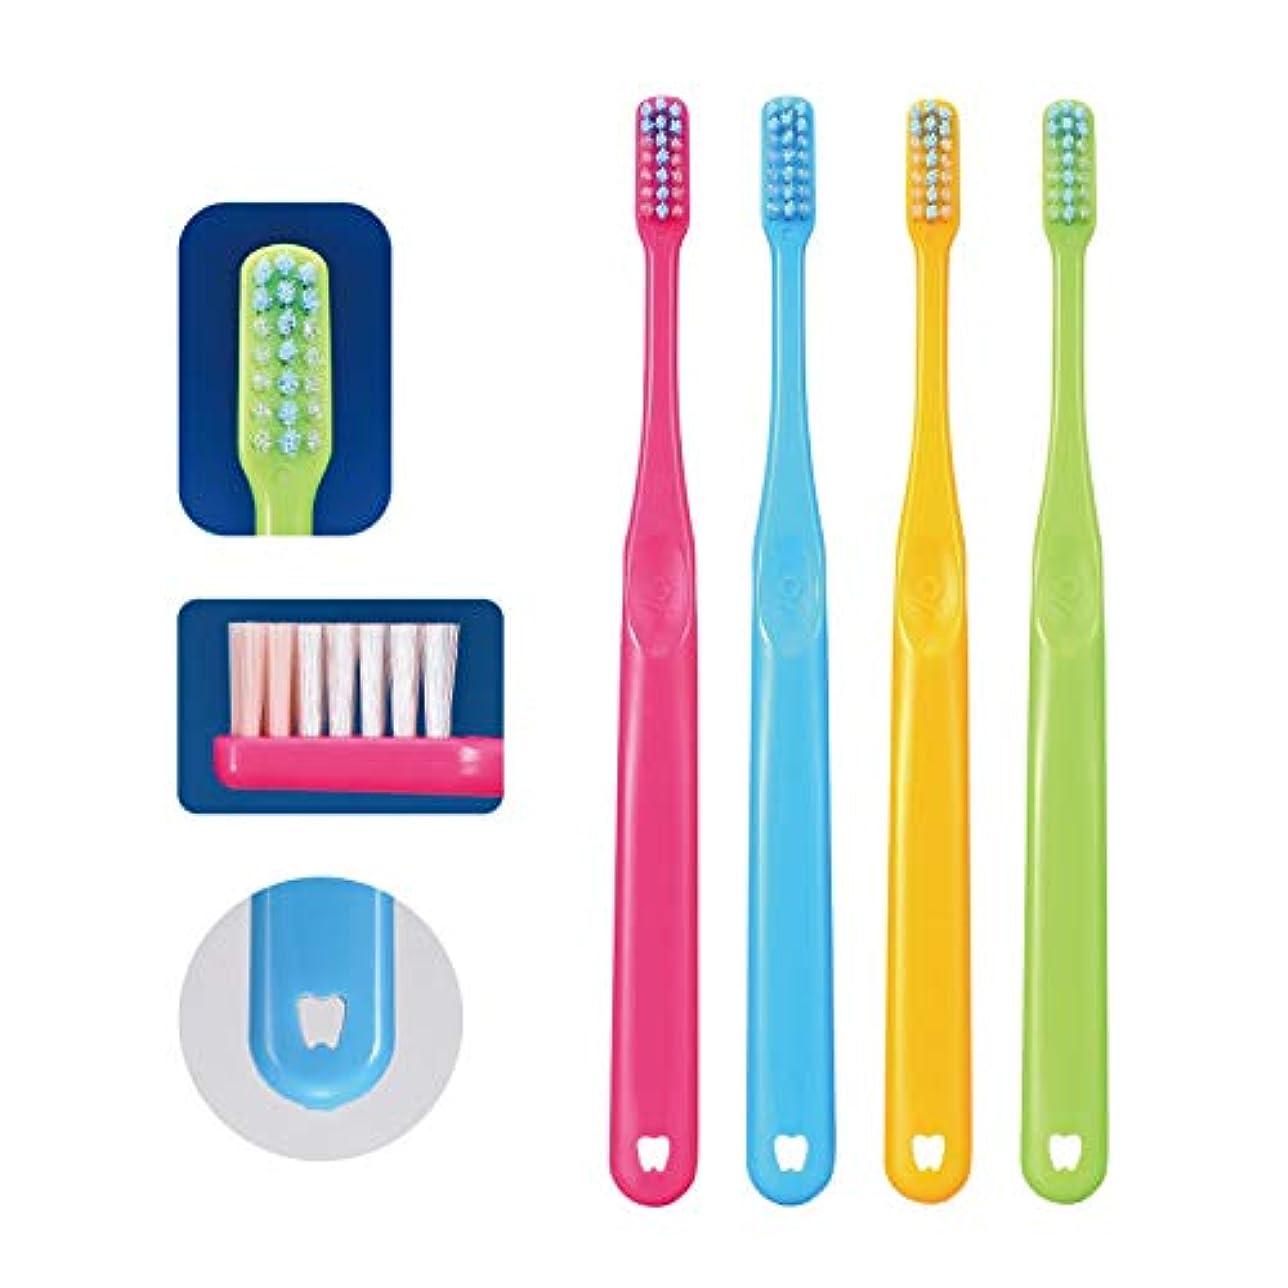 発送フォルダ領収書Ci PRO PLUS プロプラス 歯ブラシ 20本 S(やわらかめ) 日本製 プラーク除去 歯科専売品